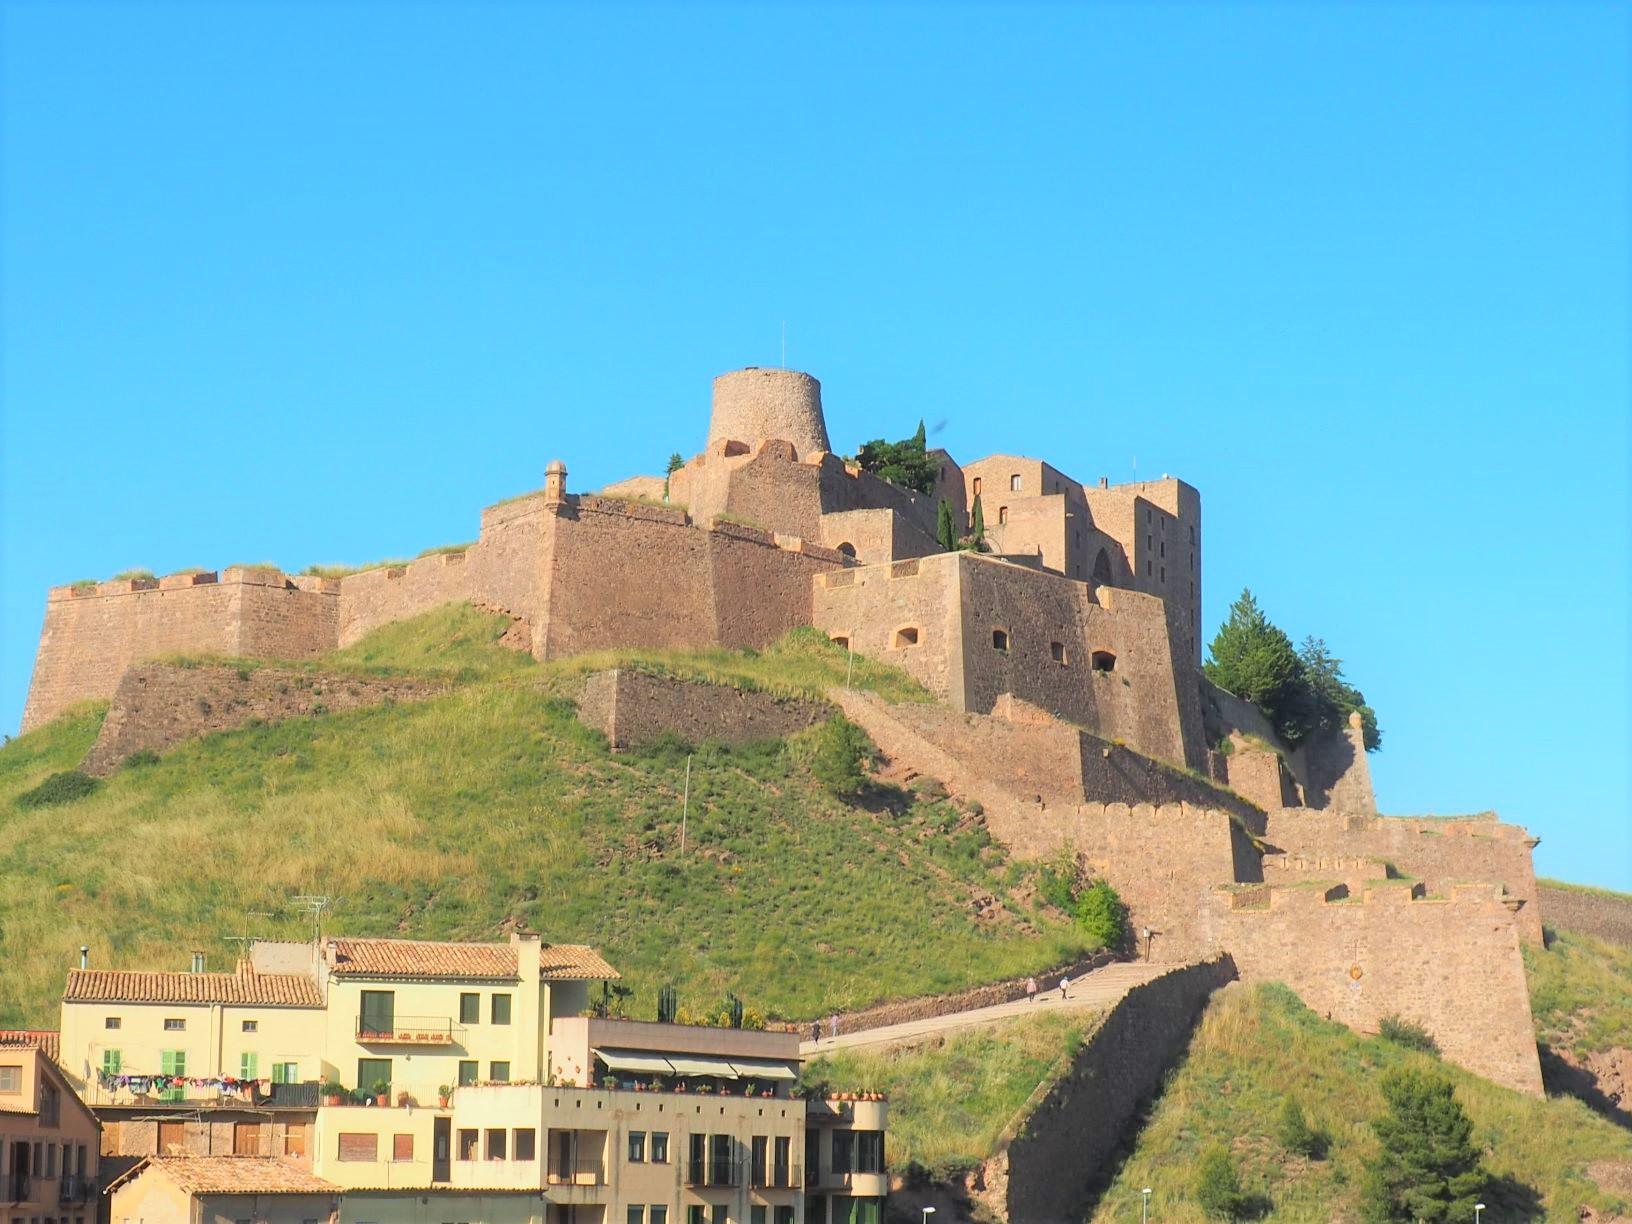 中世の城塞を利用したホテルのパラドール